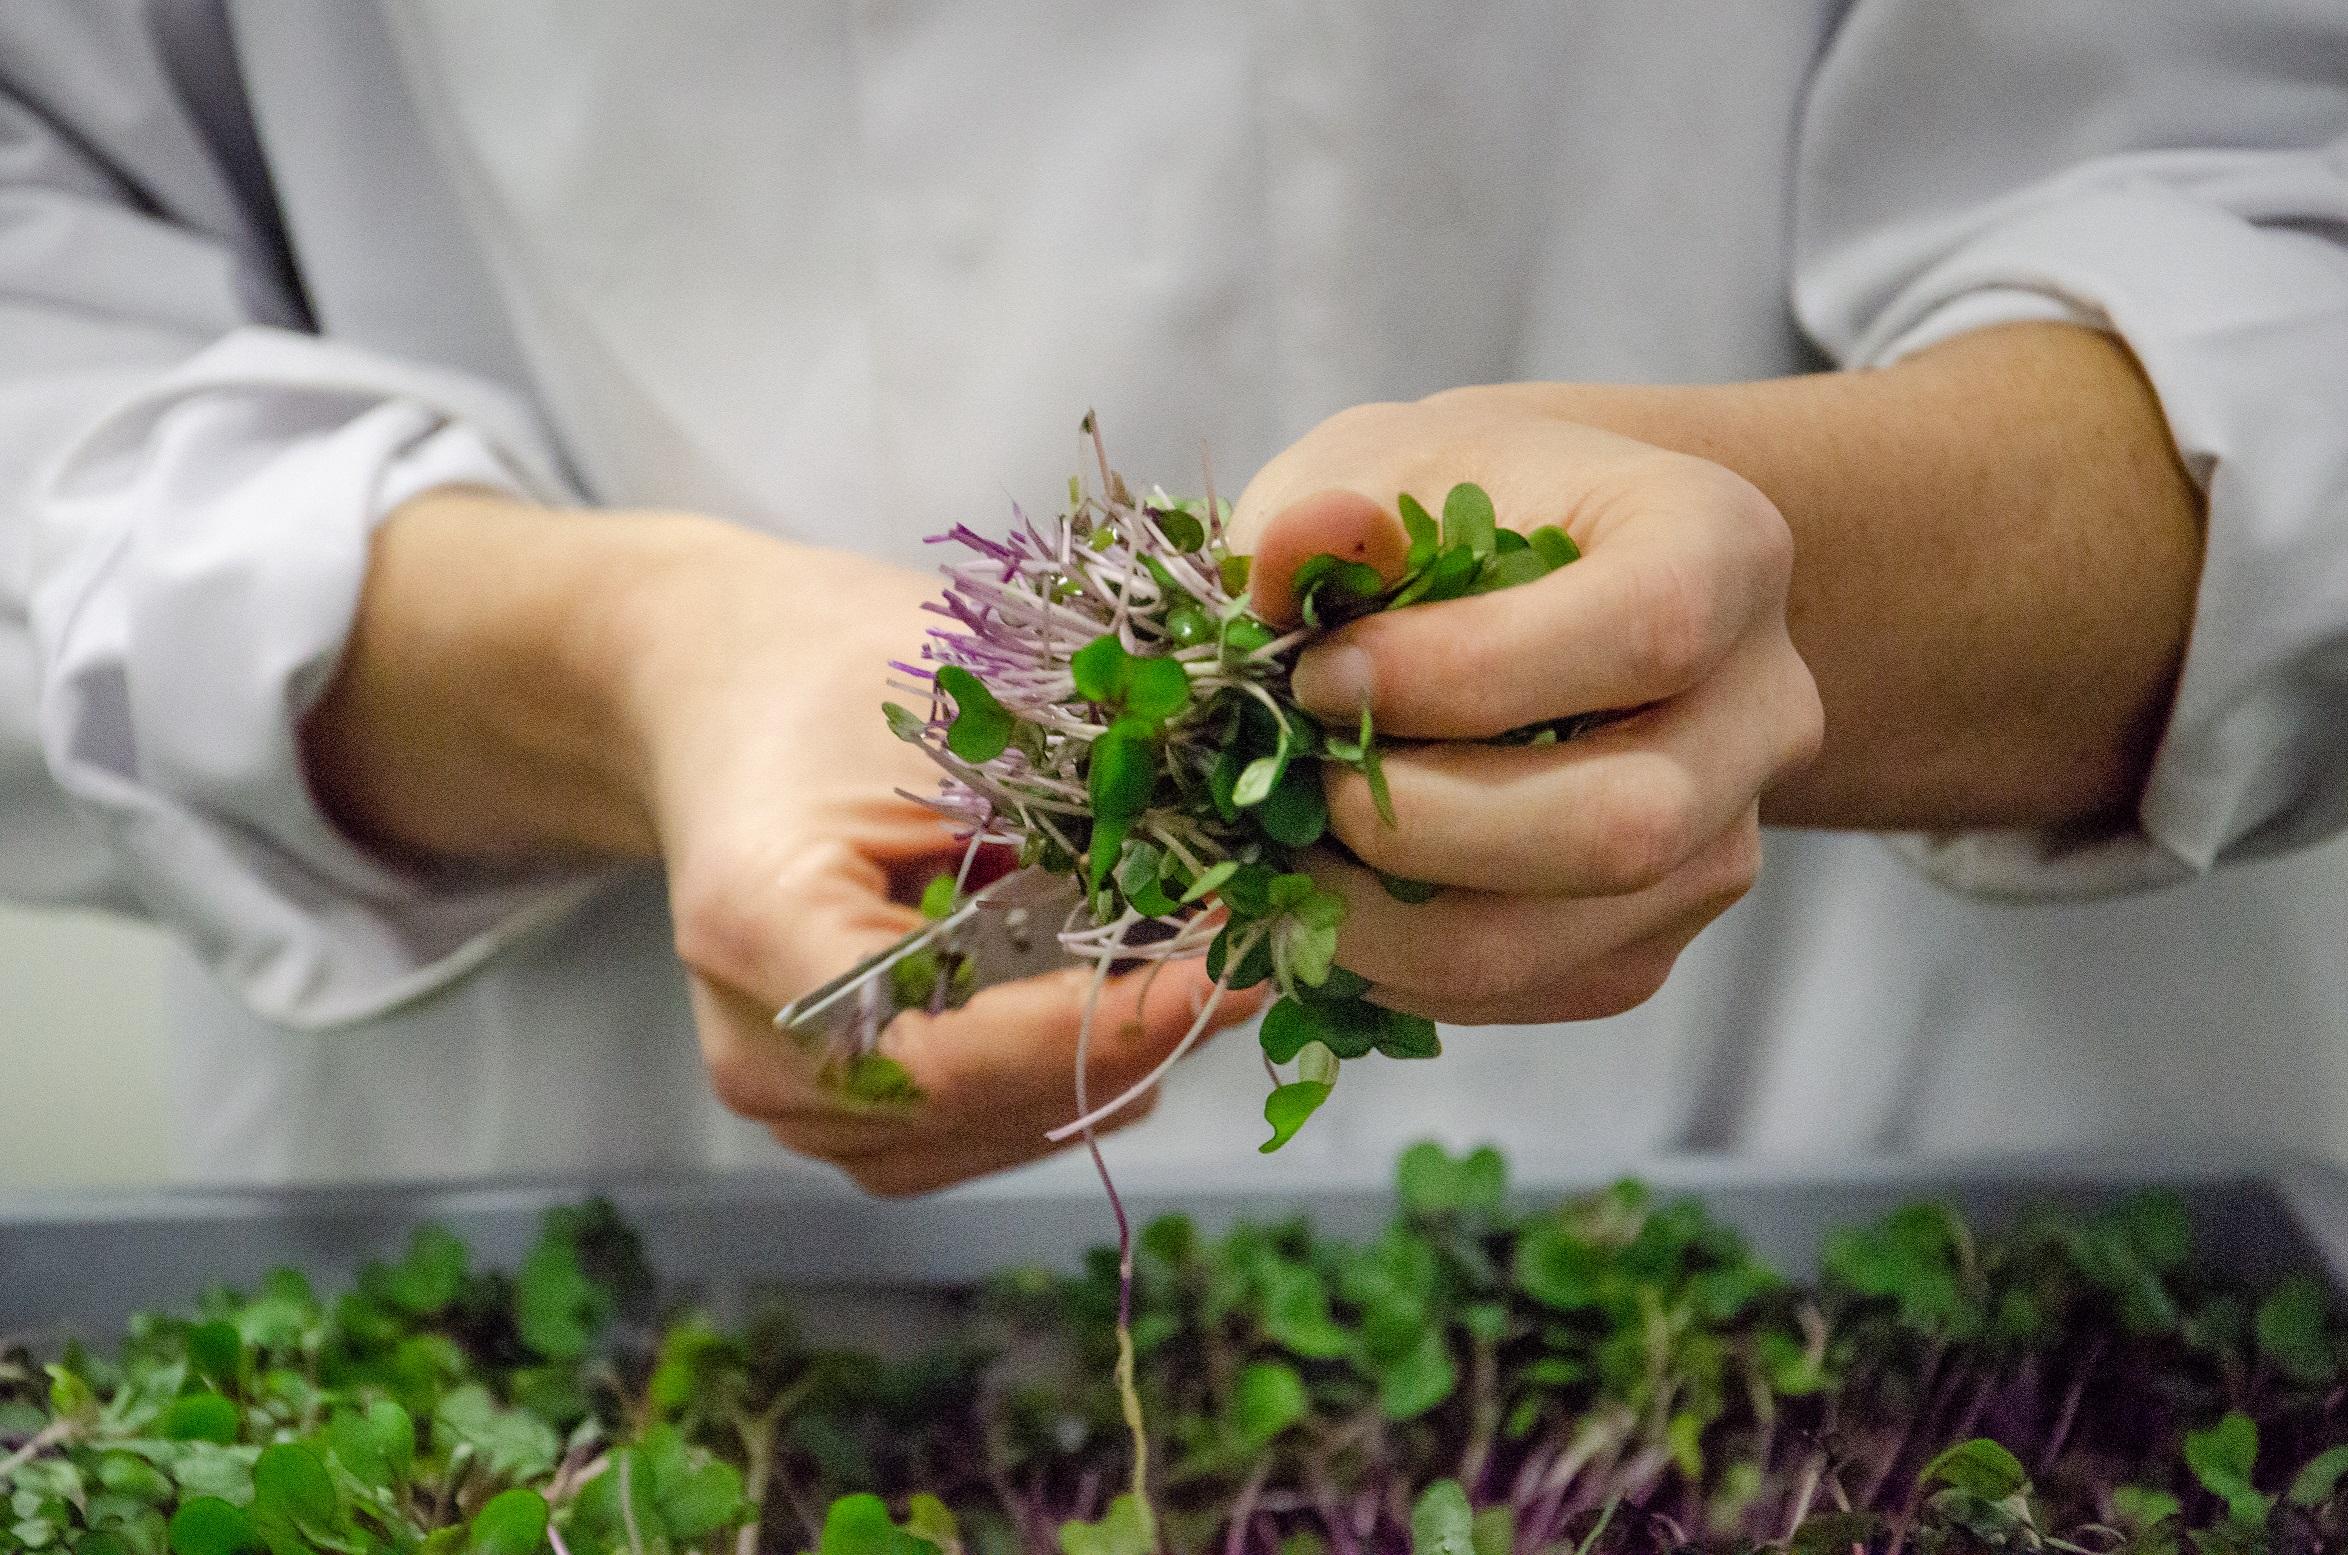 Circadian rhythms: how do plants keep time? -